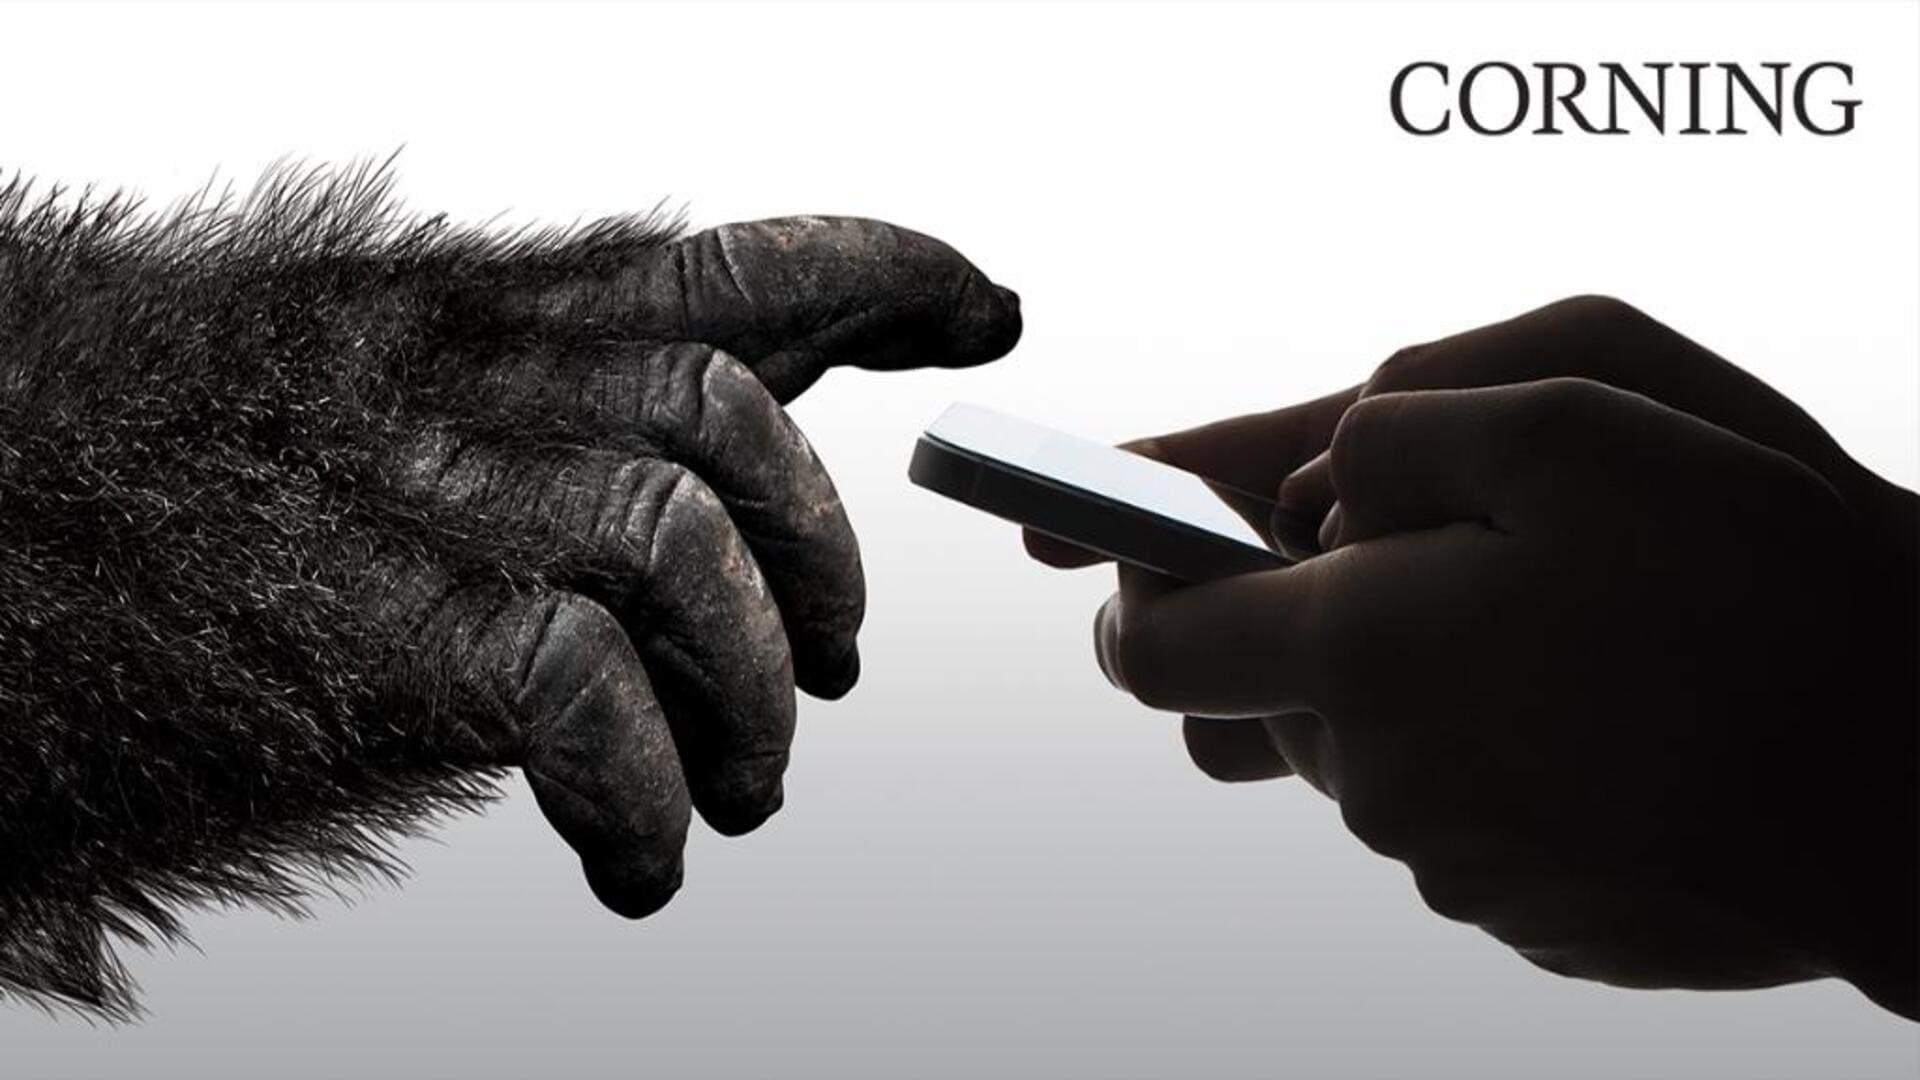 Foto mostra uma mão humana segurando o celular ao lado de uma mão de gorila